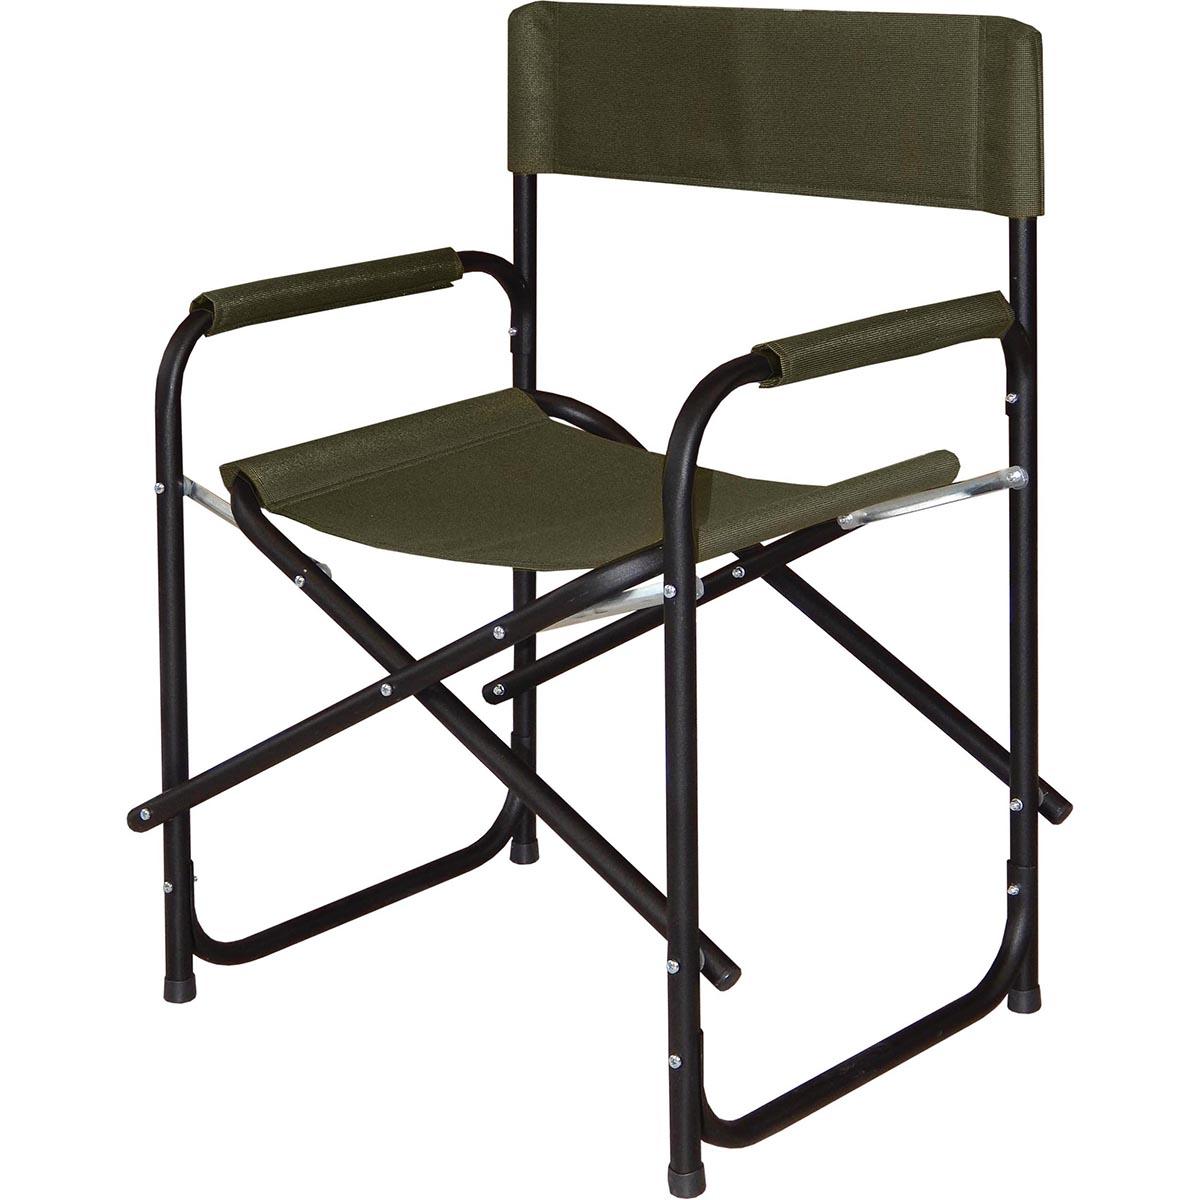 Стул складной Greenell FC-17 R22, цвет: хаки95859-502-00Складной стул для кемпингового отдыха на природе. Макс нагрузка: 120 кг. Ширина: 58 см. Глубина: 46 см. Высота сиденья: 47 см. Высота полная: 82 см.